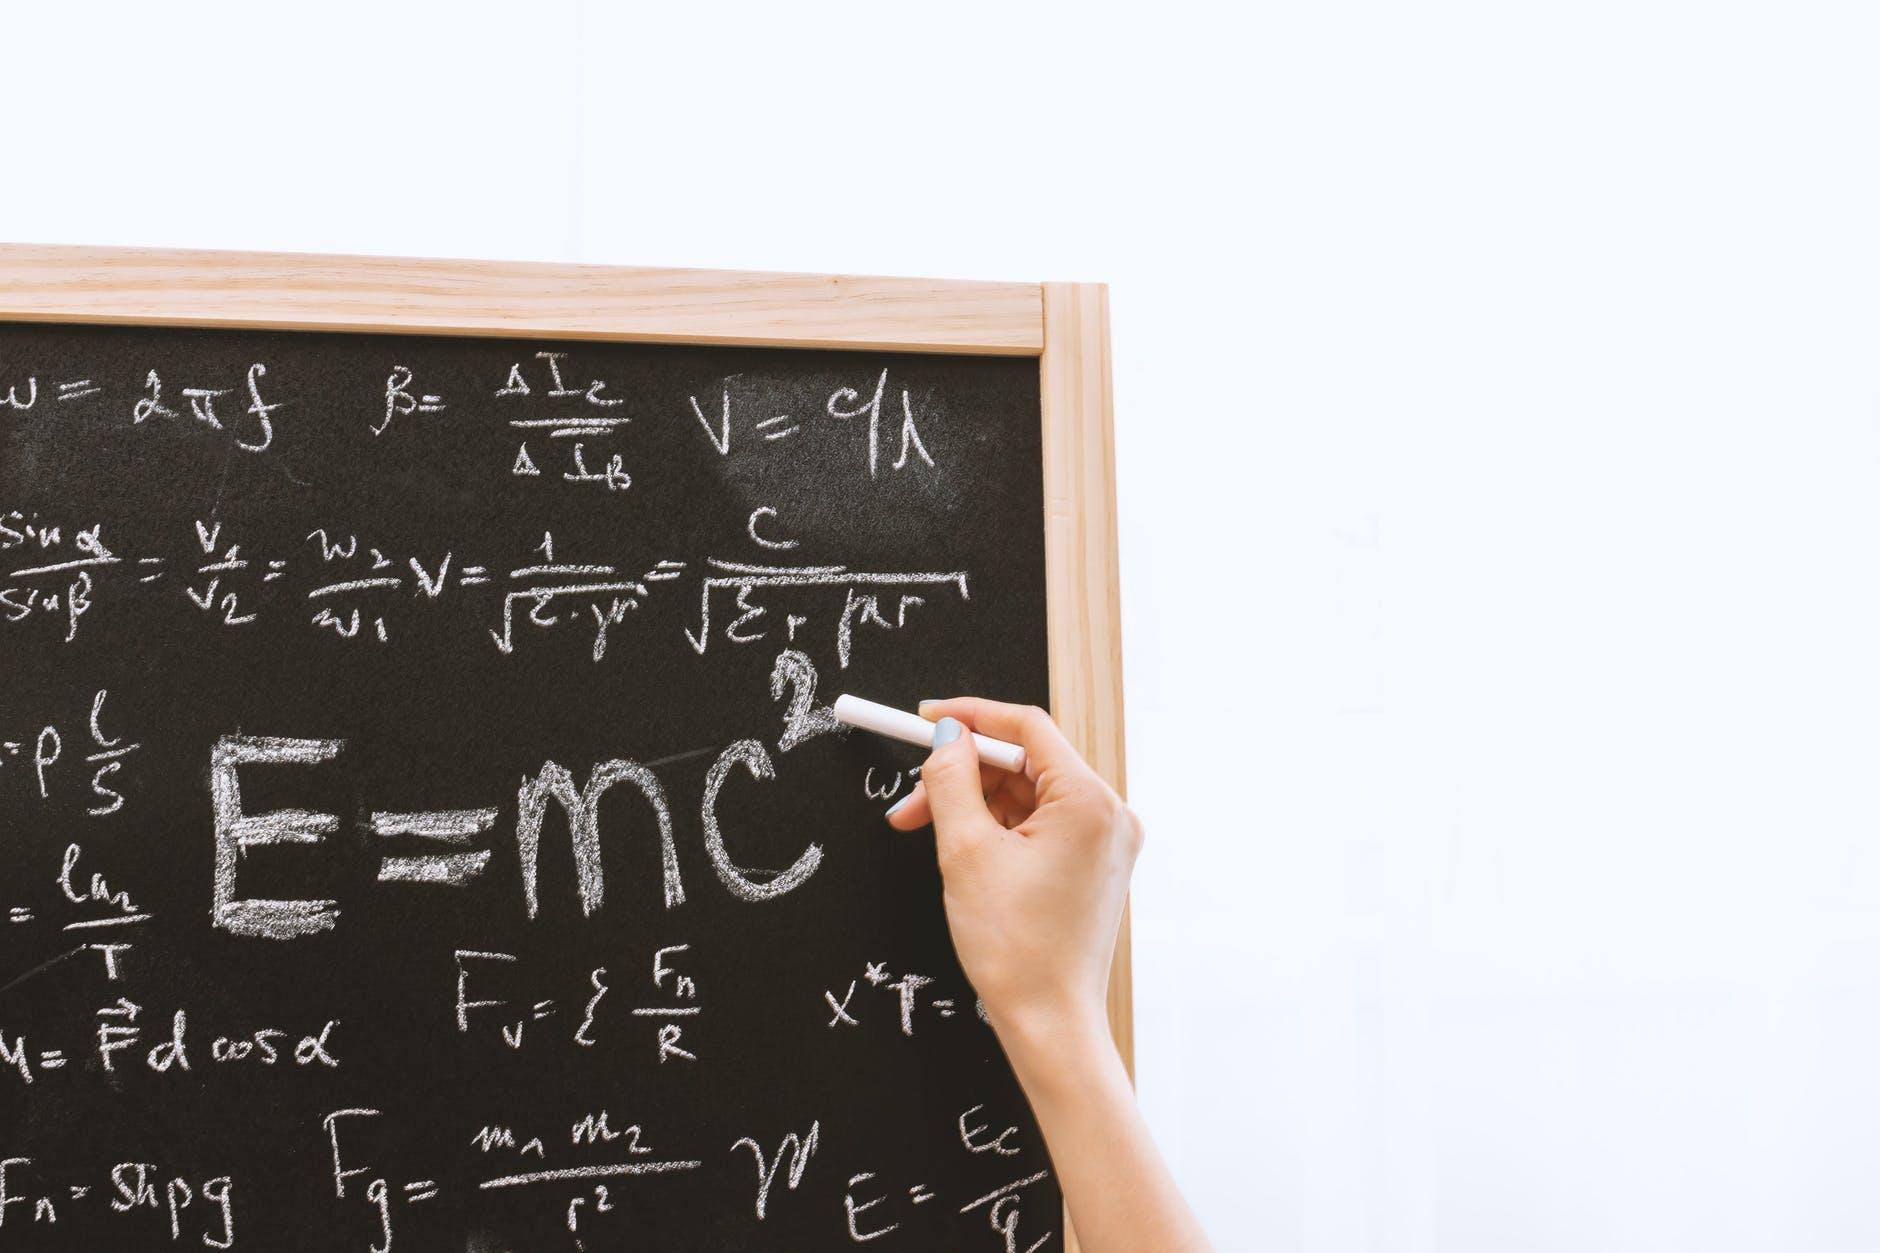 Pelajari Ilmu Aktuaria untuk Memiliki Masa Depan Cerah